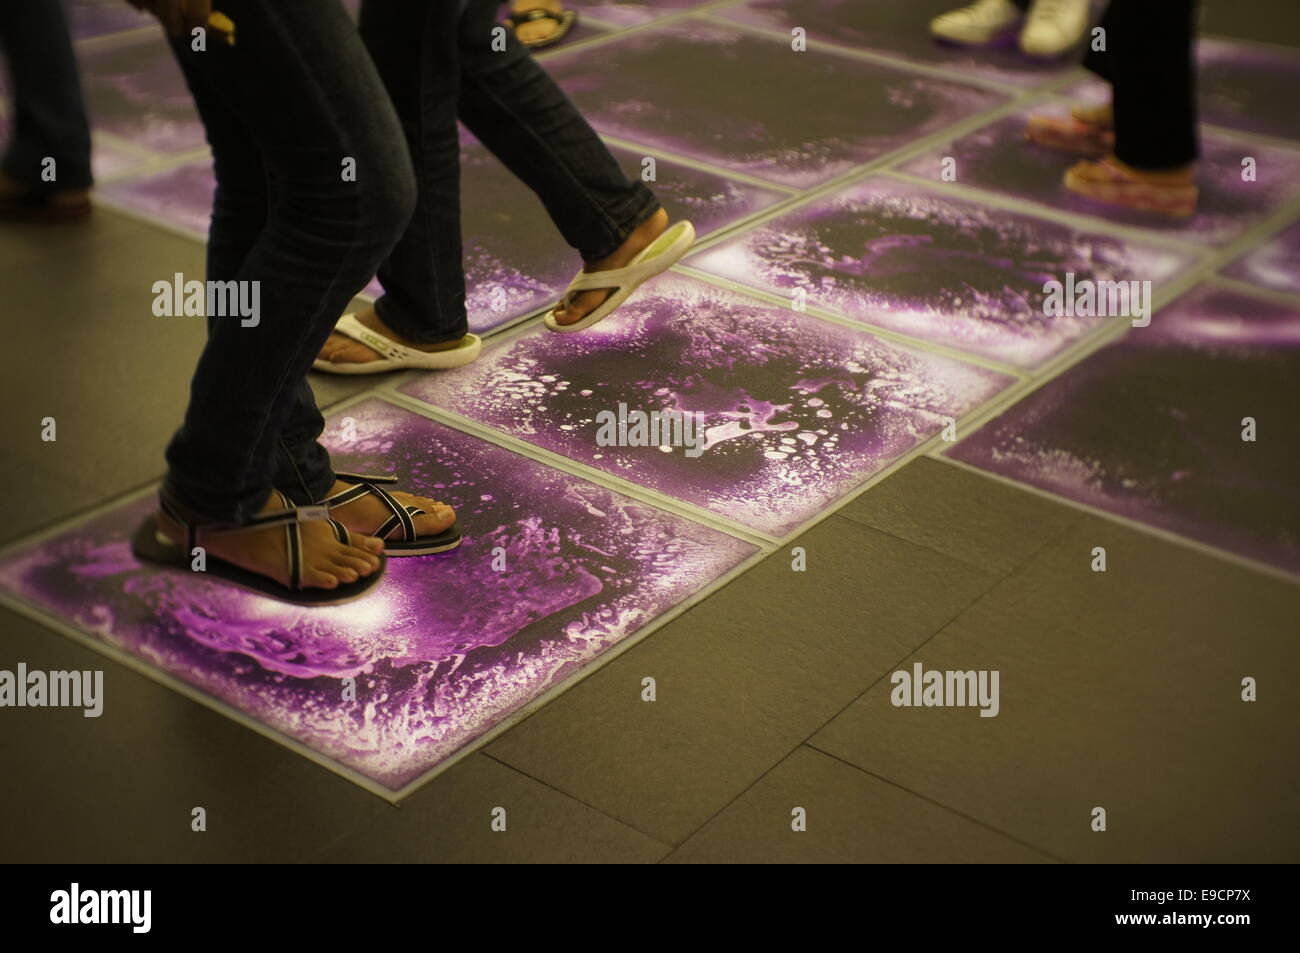 liquid floor tiles swirling - Stock Image